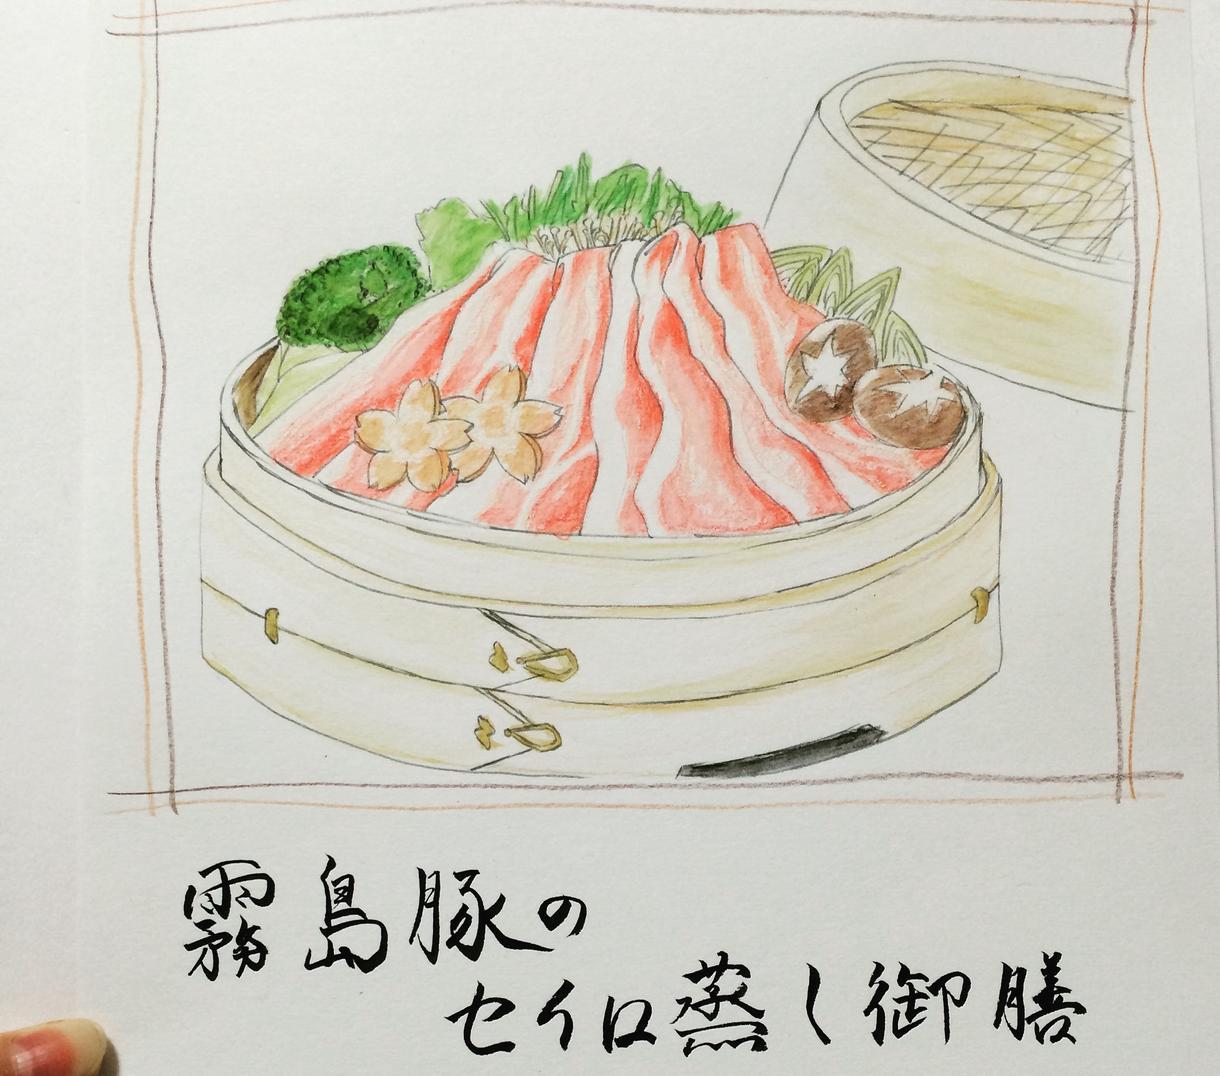 ご要望のイラストお描きします![オリジナル、アニメキャラ、風景画、食品画ect.]